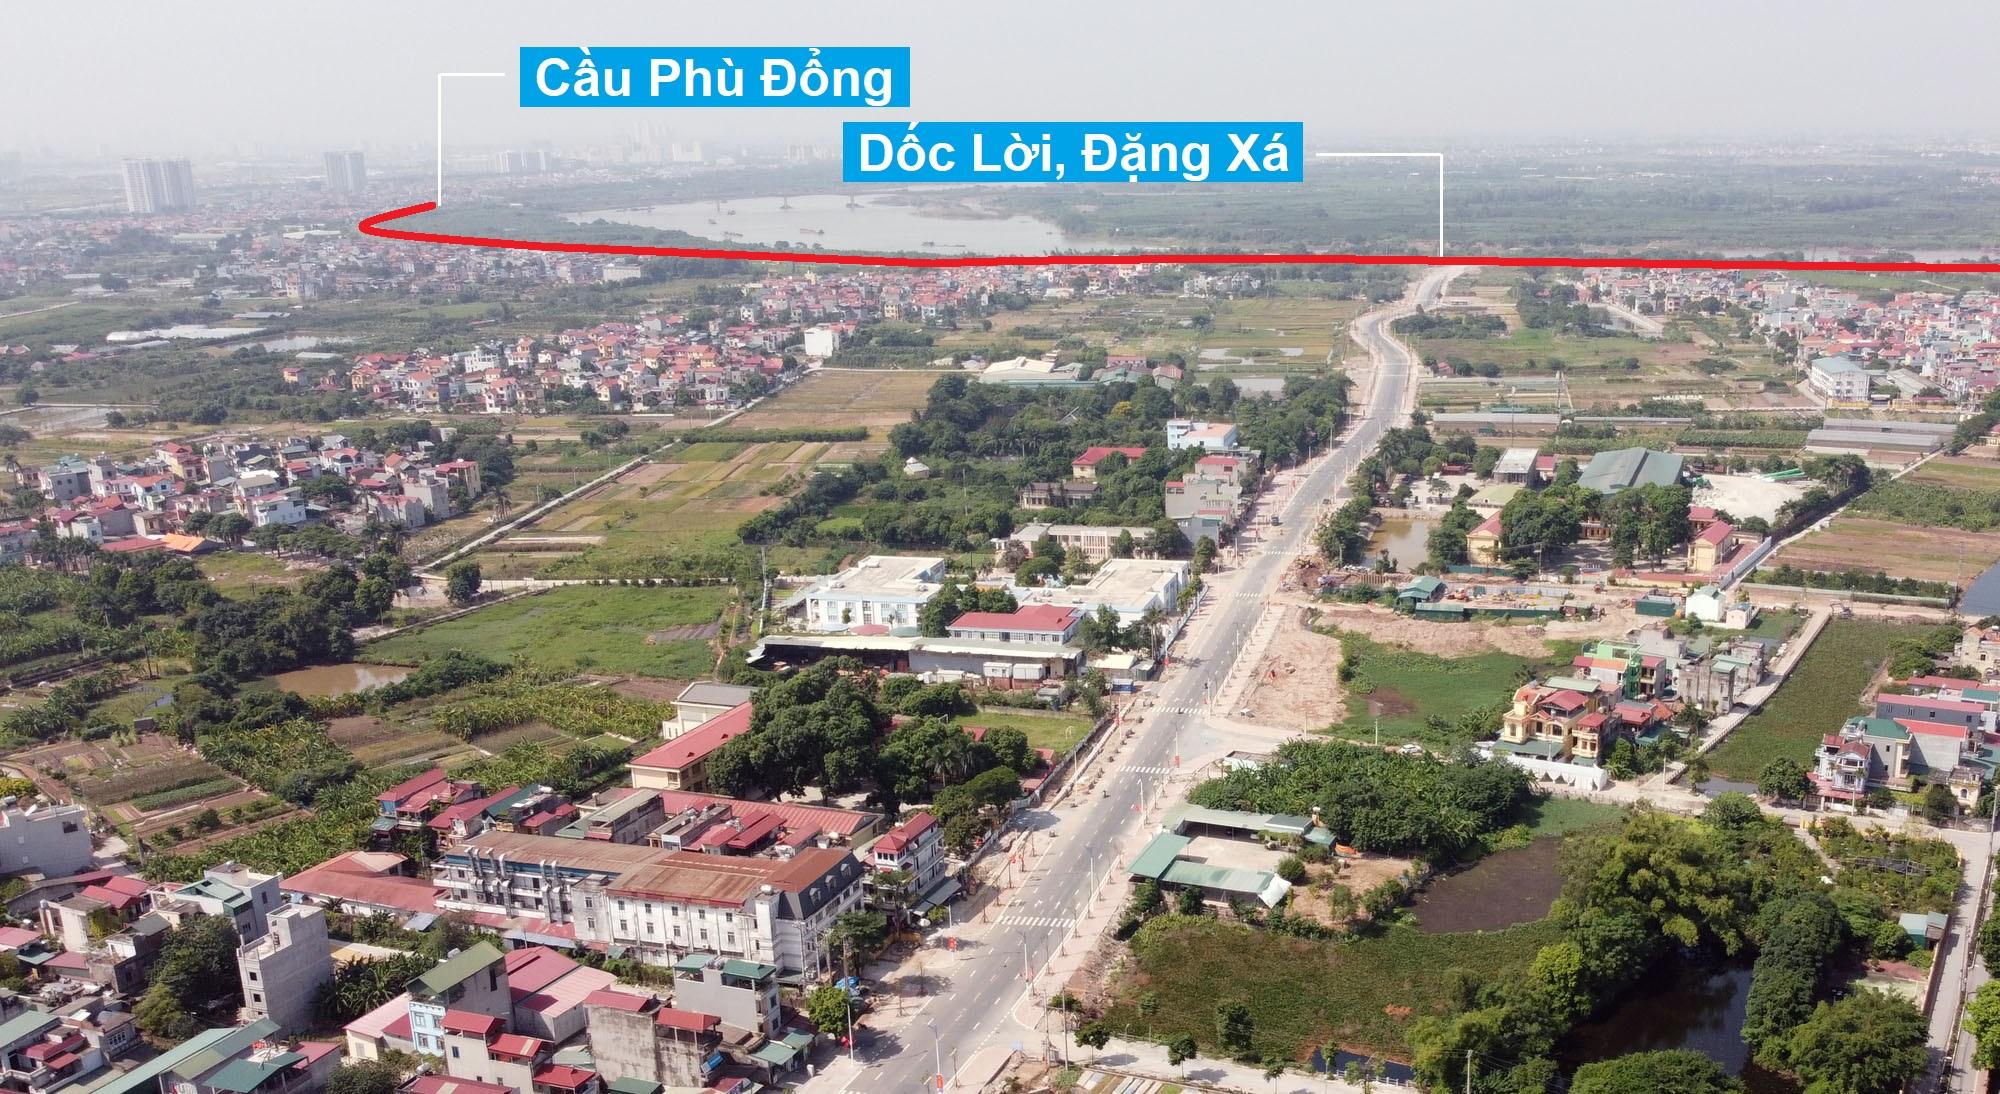 Tiến độ dự án đường đê Hữu Đuống đoạn Dốc Lời, Đặng Xá đến xã Lệ Chi trị giá 500 tỷ đồng ở Gia Lâm - Ảnh 1.